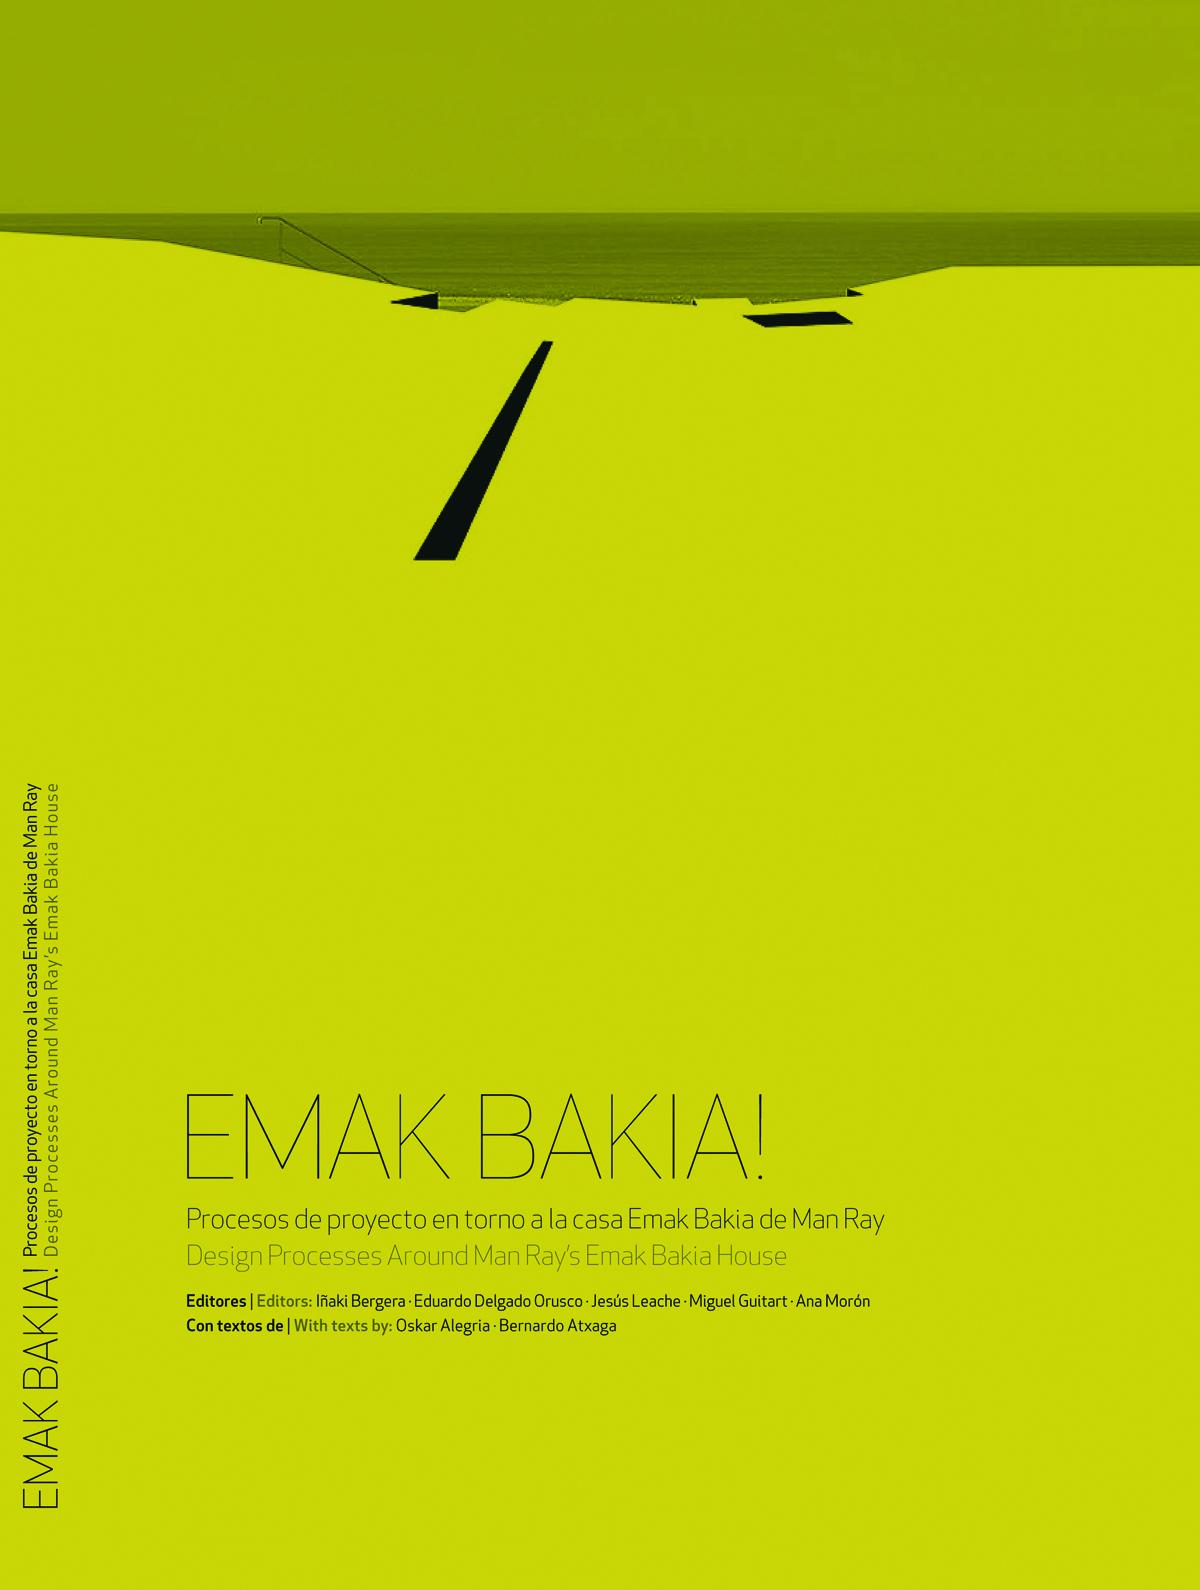 Miguel Guitart_Emak Bakia.jpg